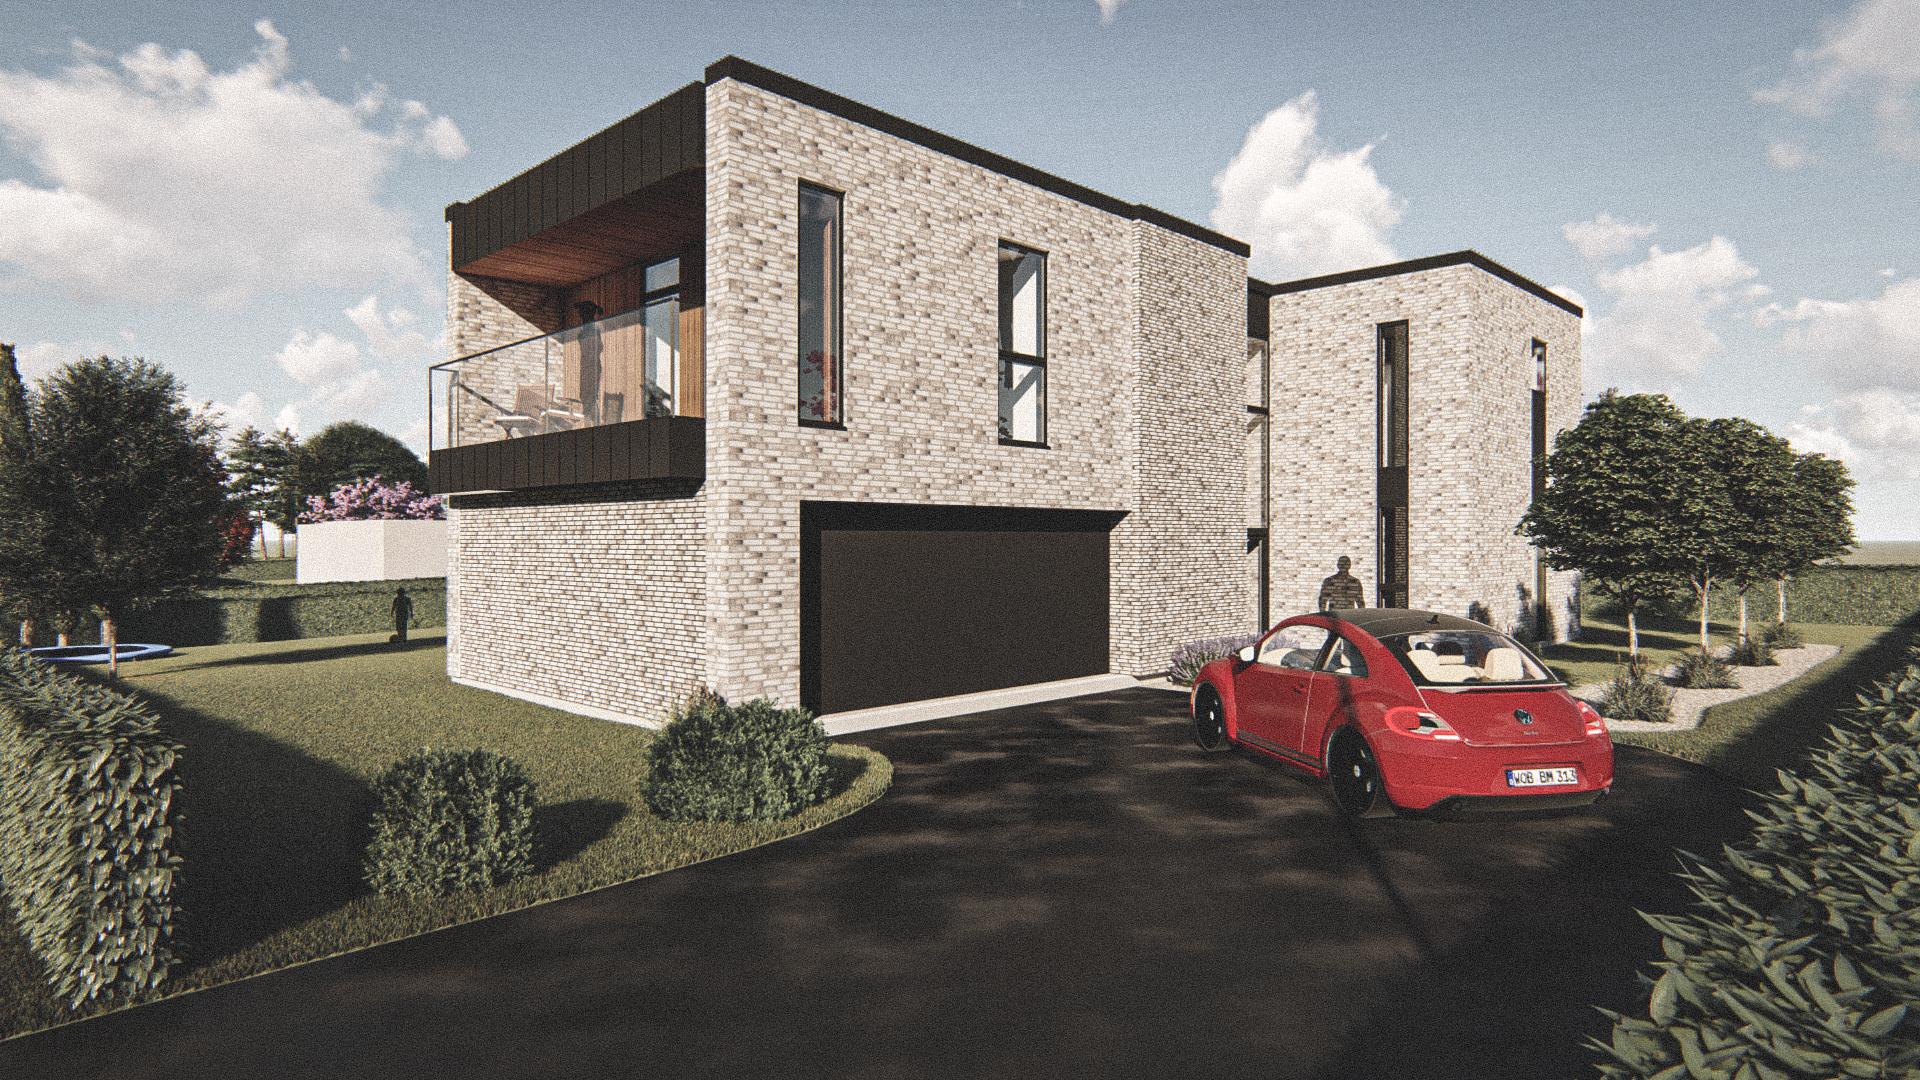 Billede af Dansk arkitekttegnet 3 plan villa af arkitektfirmaet m2plus, i Randers på 266 kvartratmeter.